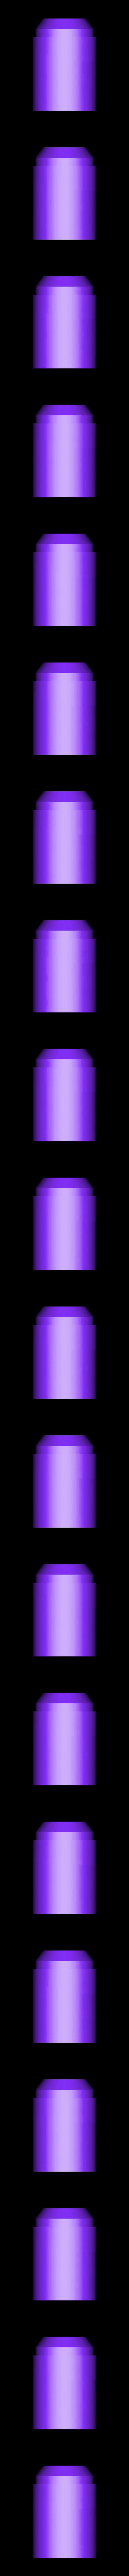 Upper_Small_base_v4.stl Télécharger fichier STL gratuit Clone Wars Era Rockets pour Boba Fett Jet Pack • Modèle pour impression 3D, ewr2san